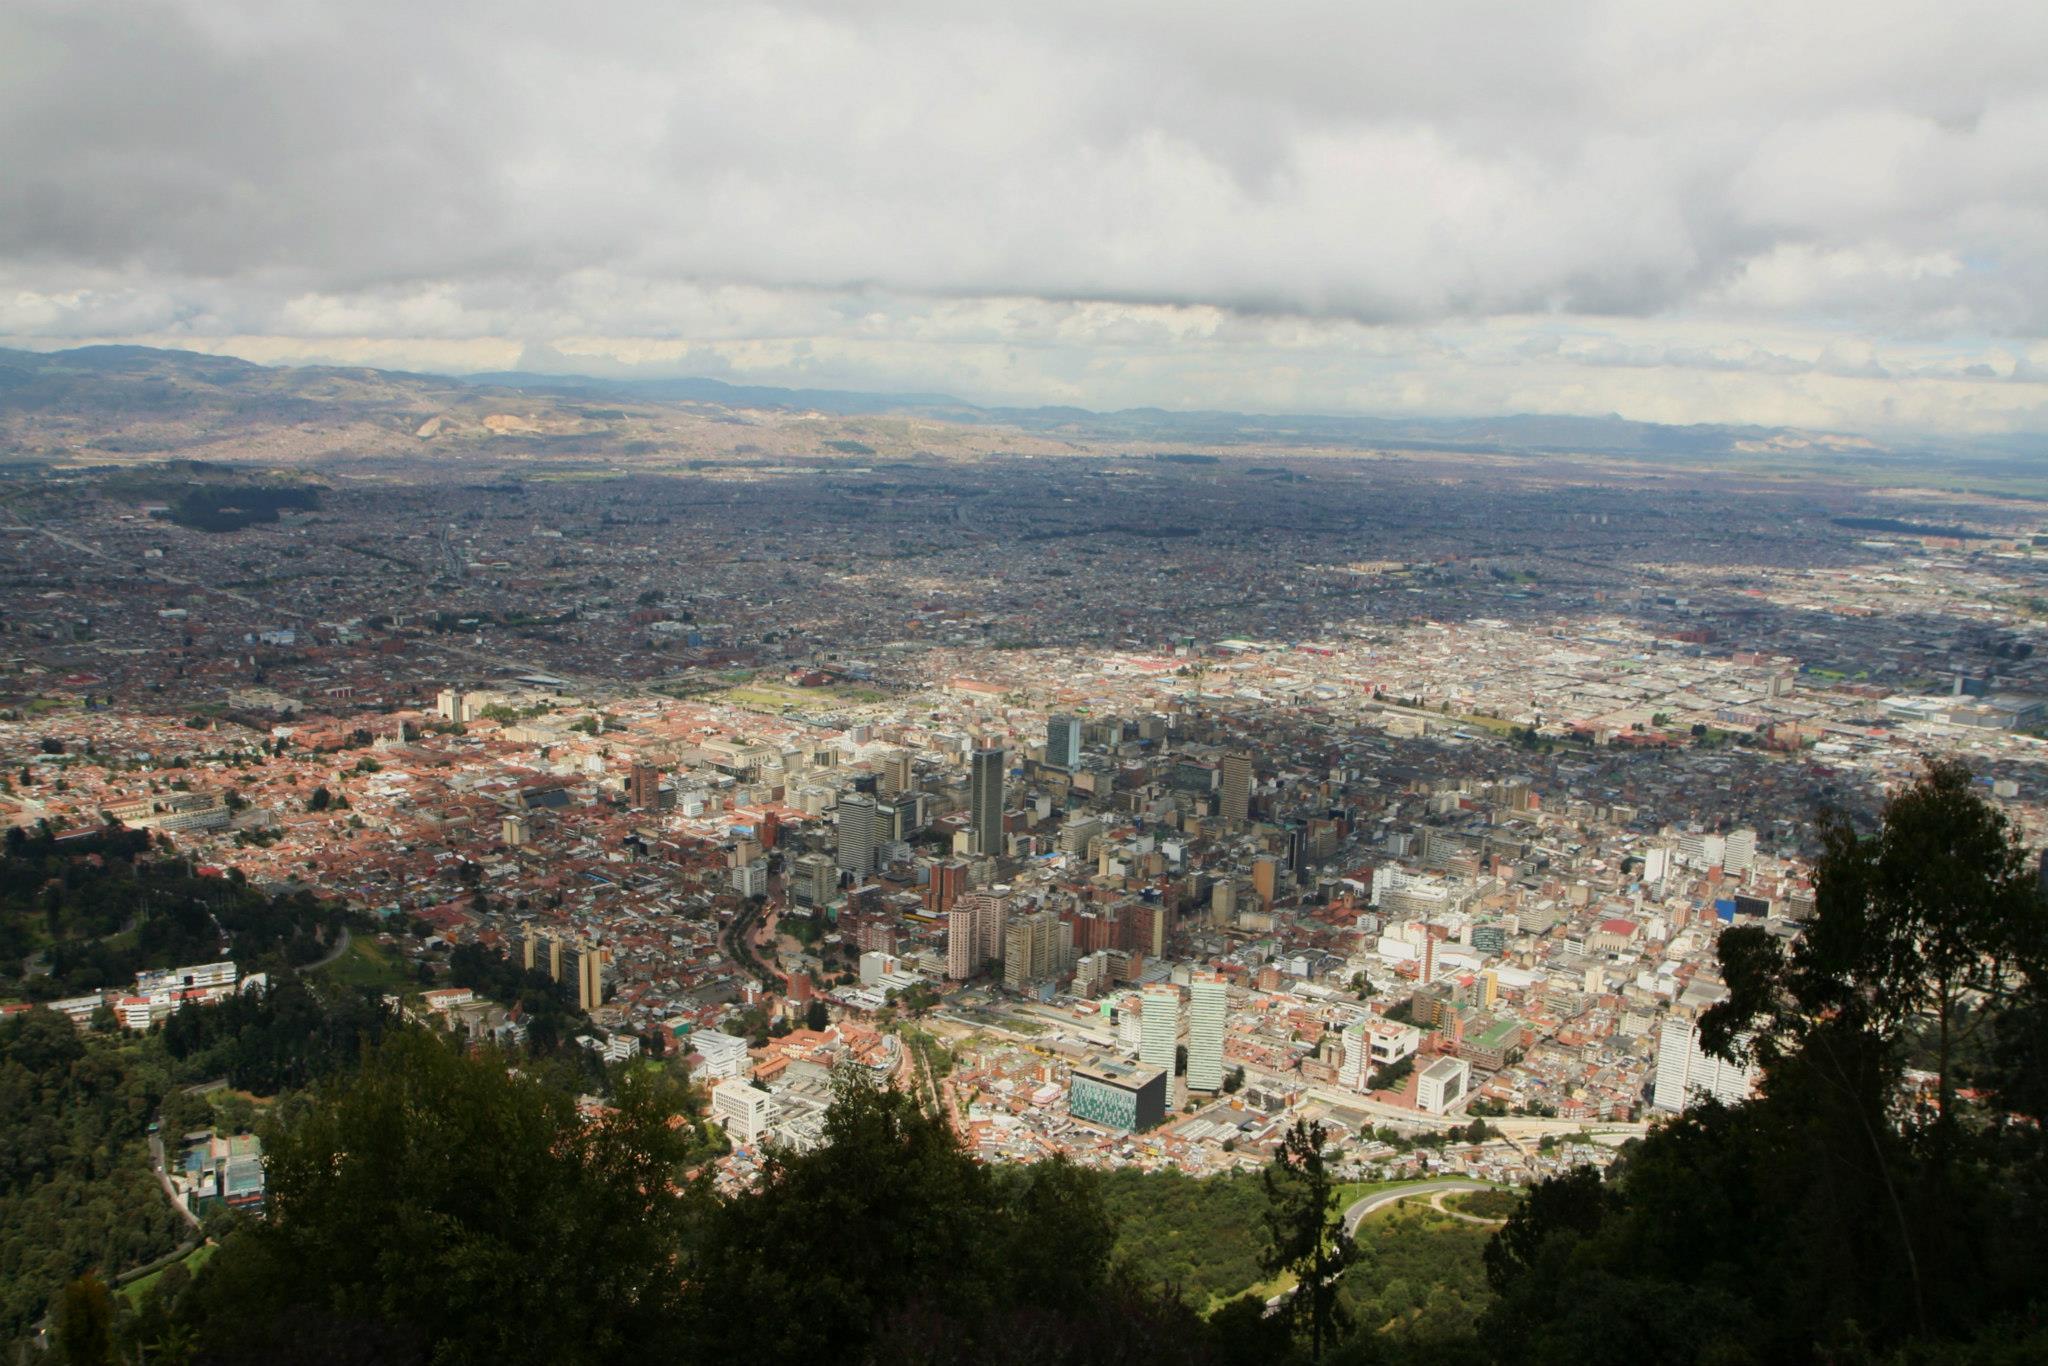 Bogotá, uitzicht over de hoofdstad van Colombia vanaf de Monserrate berg in het oosten van de stad.